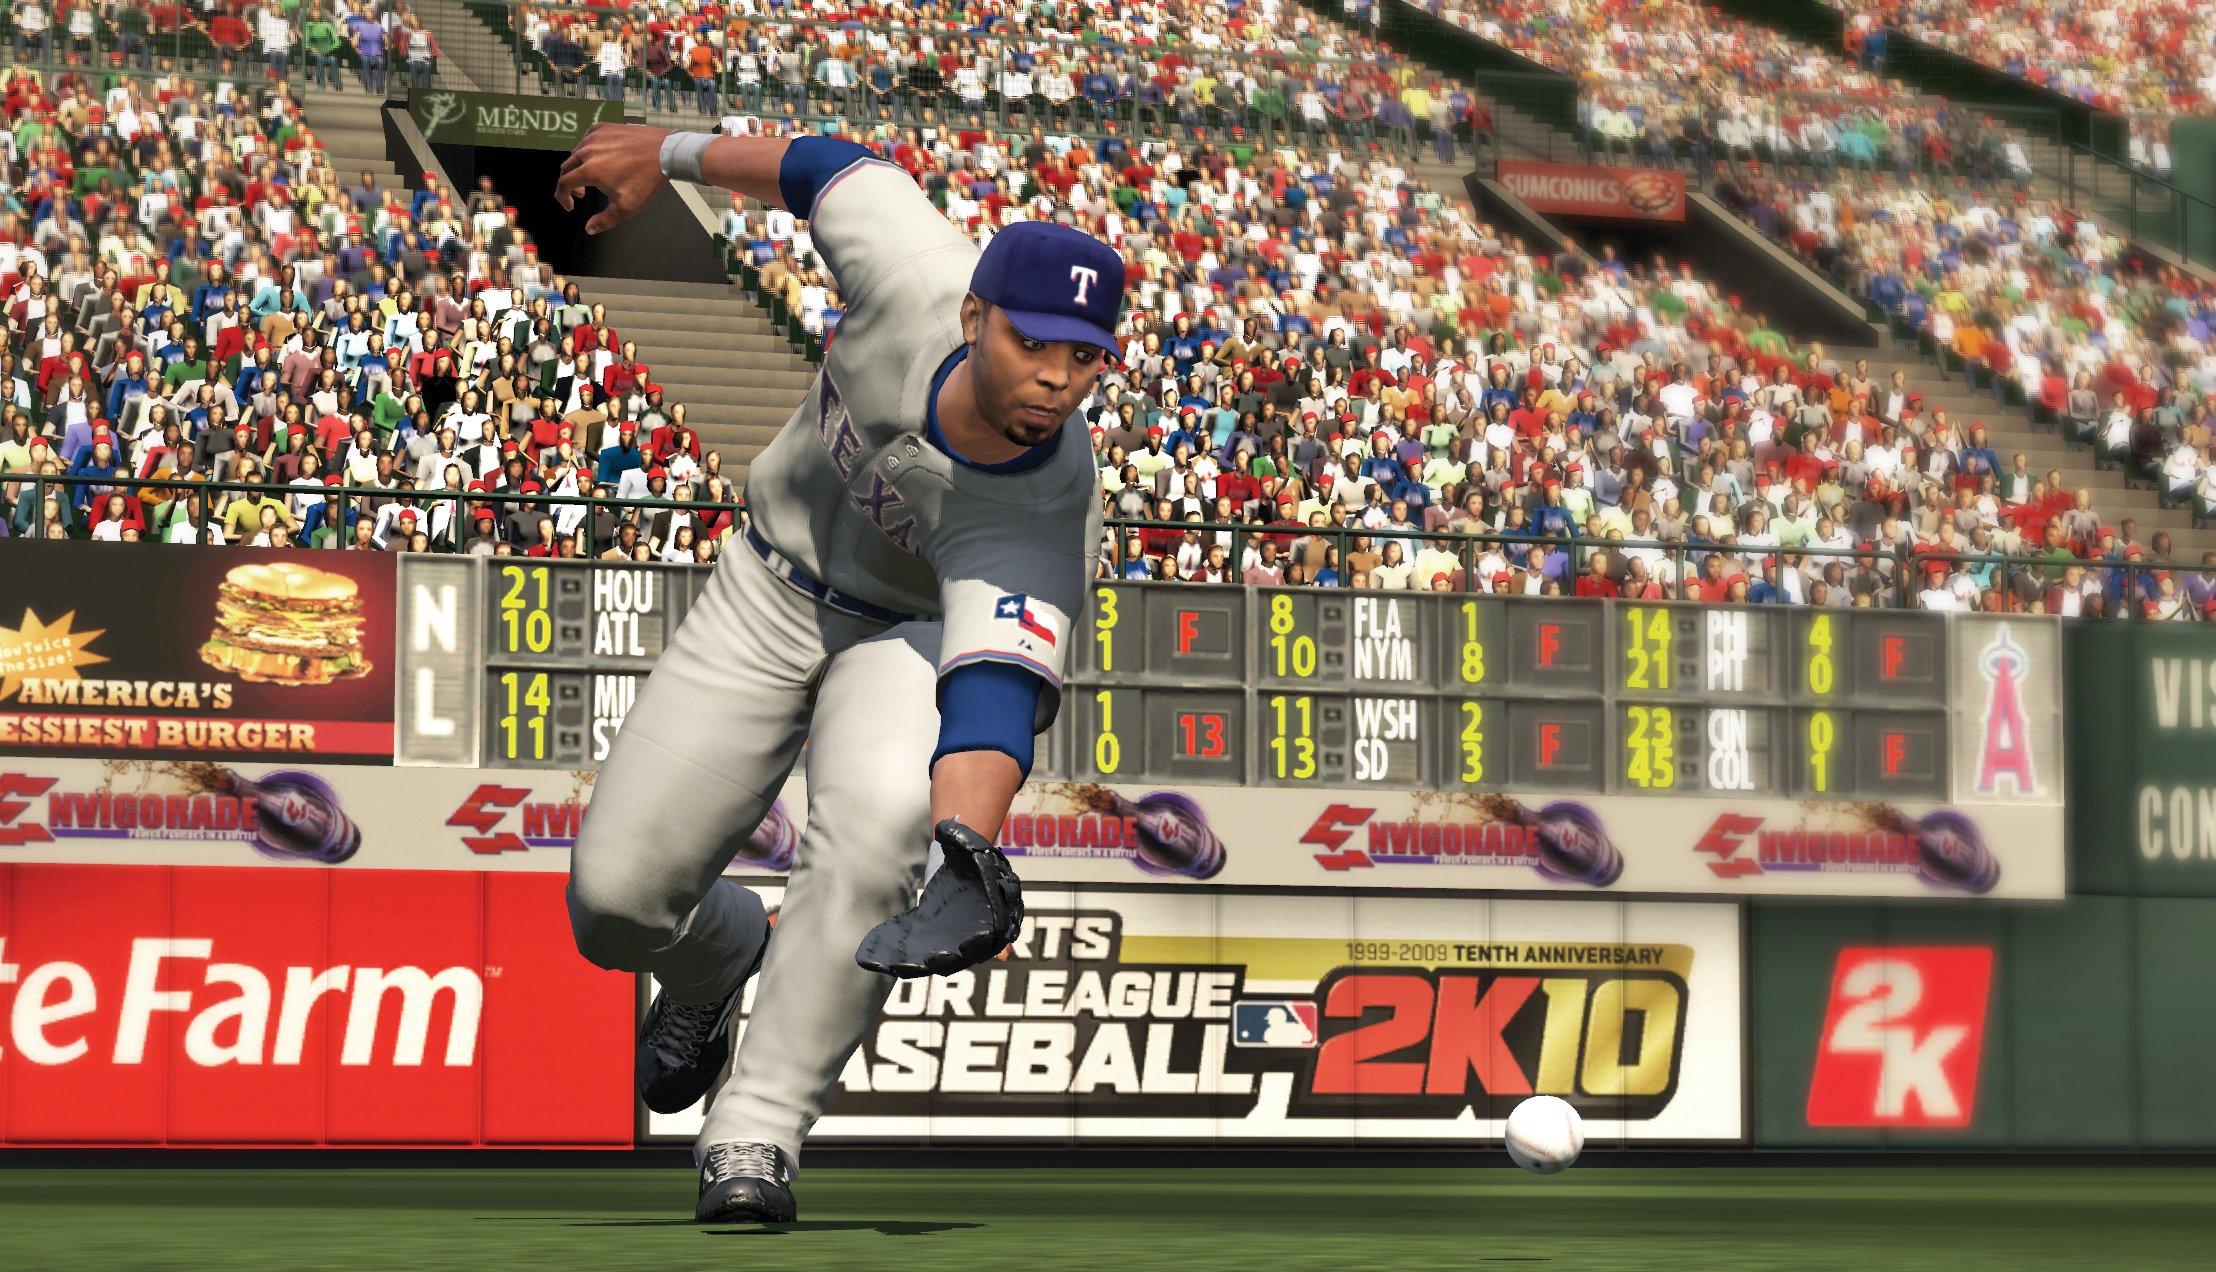 球団はマイナーリーグからメジャーリーグまで幅広くカバー。野球ファンにはたまらないゲームだ